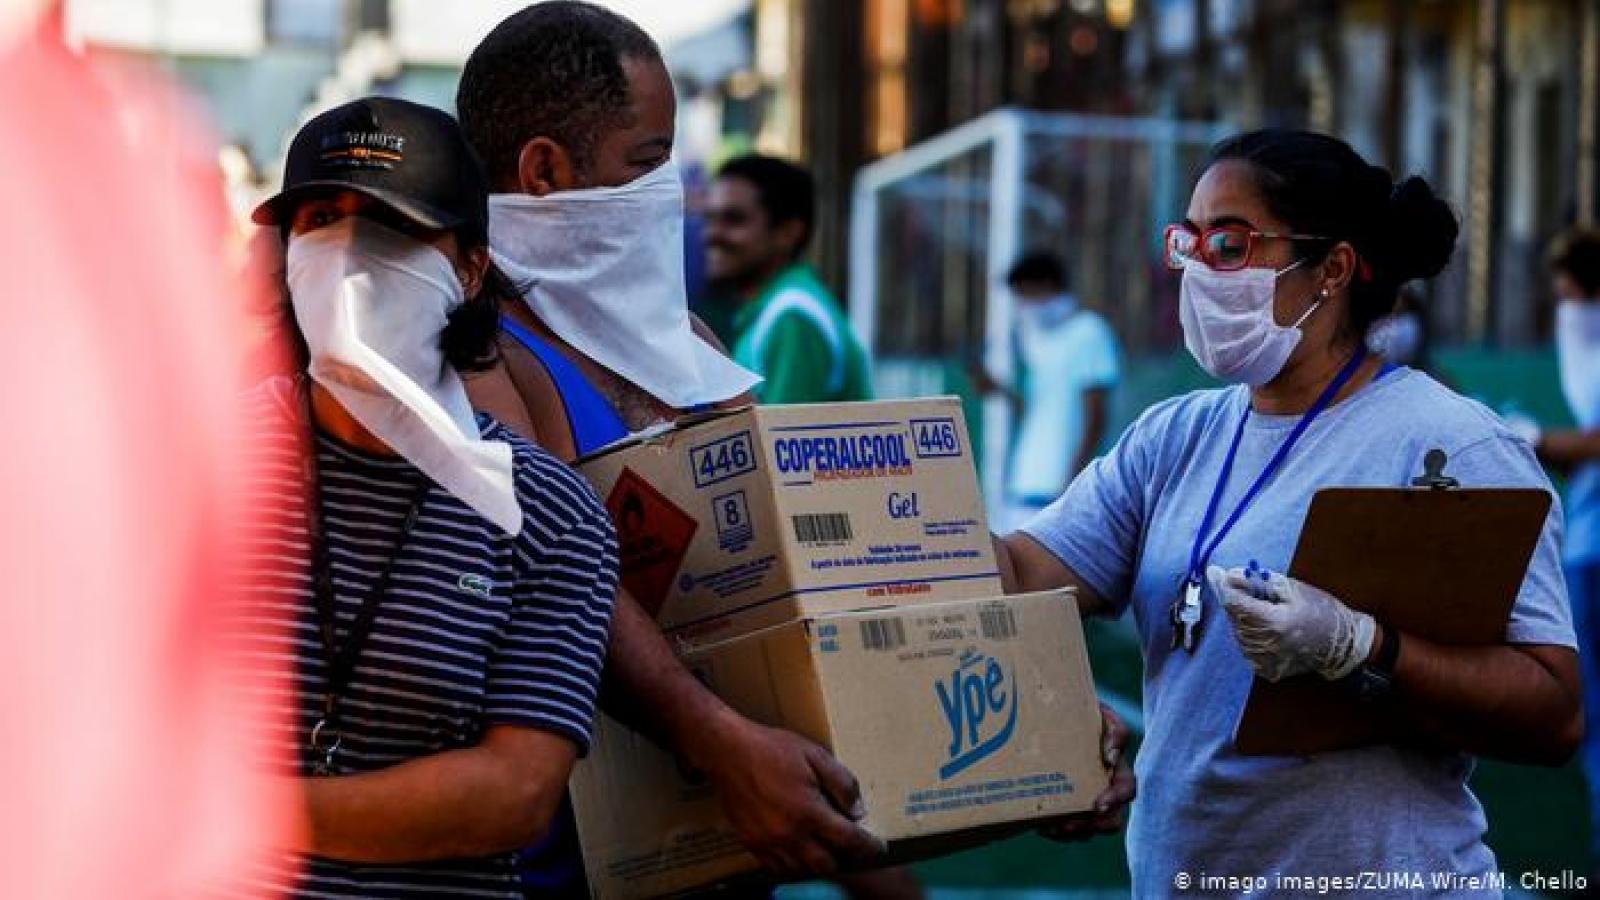 Số ca mắc Covid-19 ở Brazil vượt ngưỡng 1 triệu